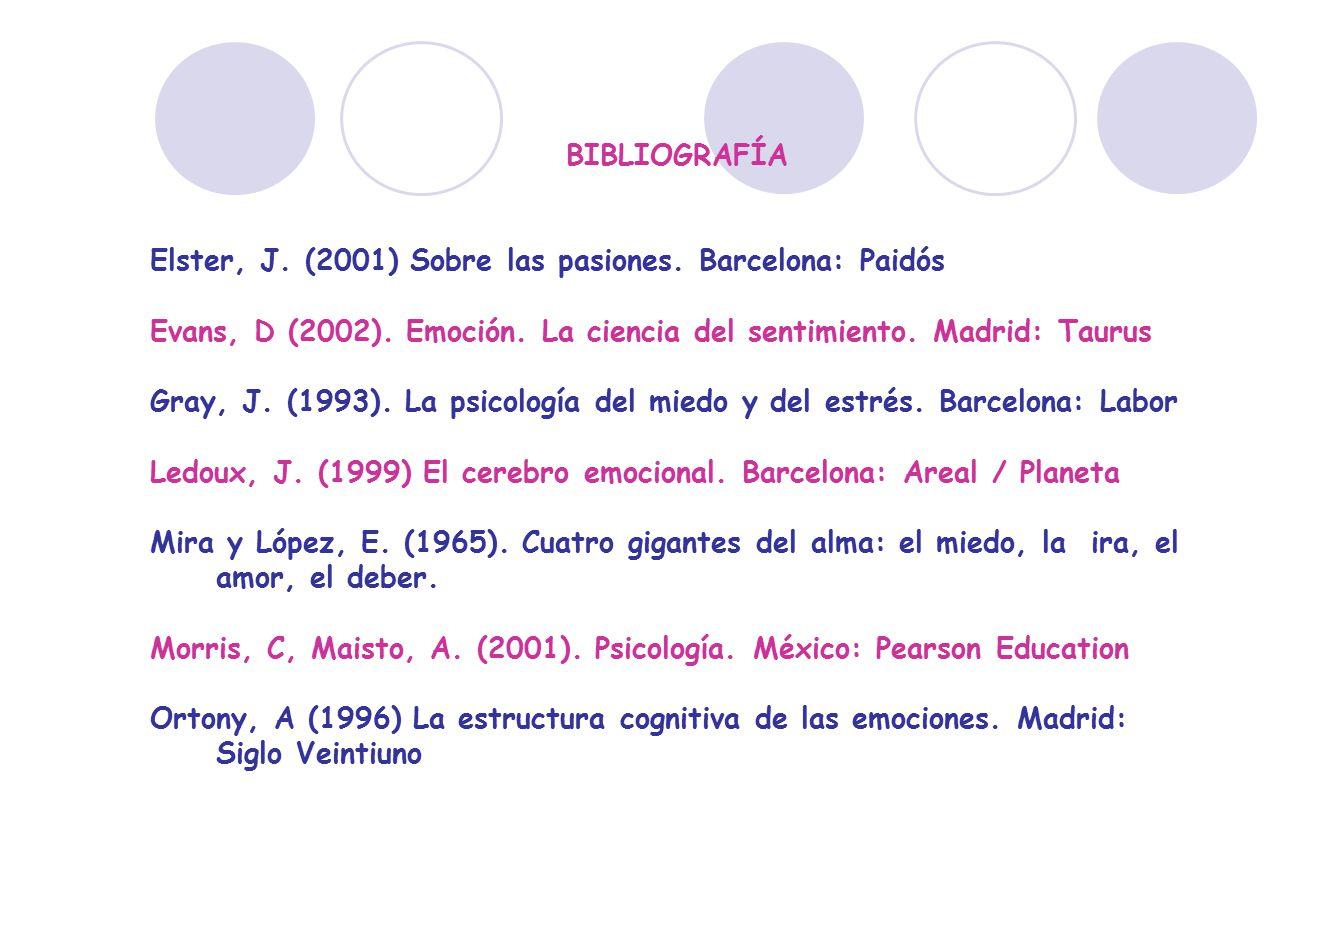 BIBLIOGRAFÍA Elster, J. (2001) Sobre las pasiones. Barcelona: Paidós. Evans, D (2002). Emoción. La ciencia del sentimiento. Madrid: Taurus.